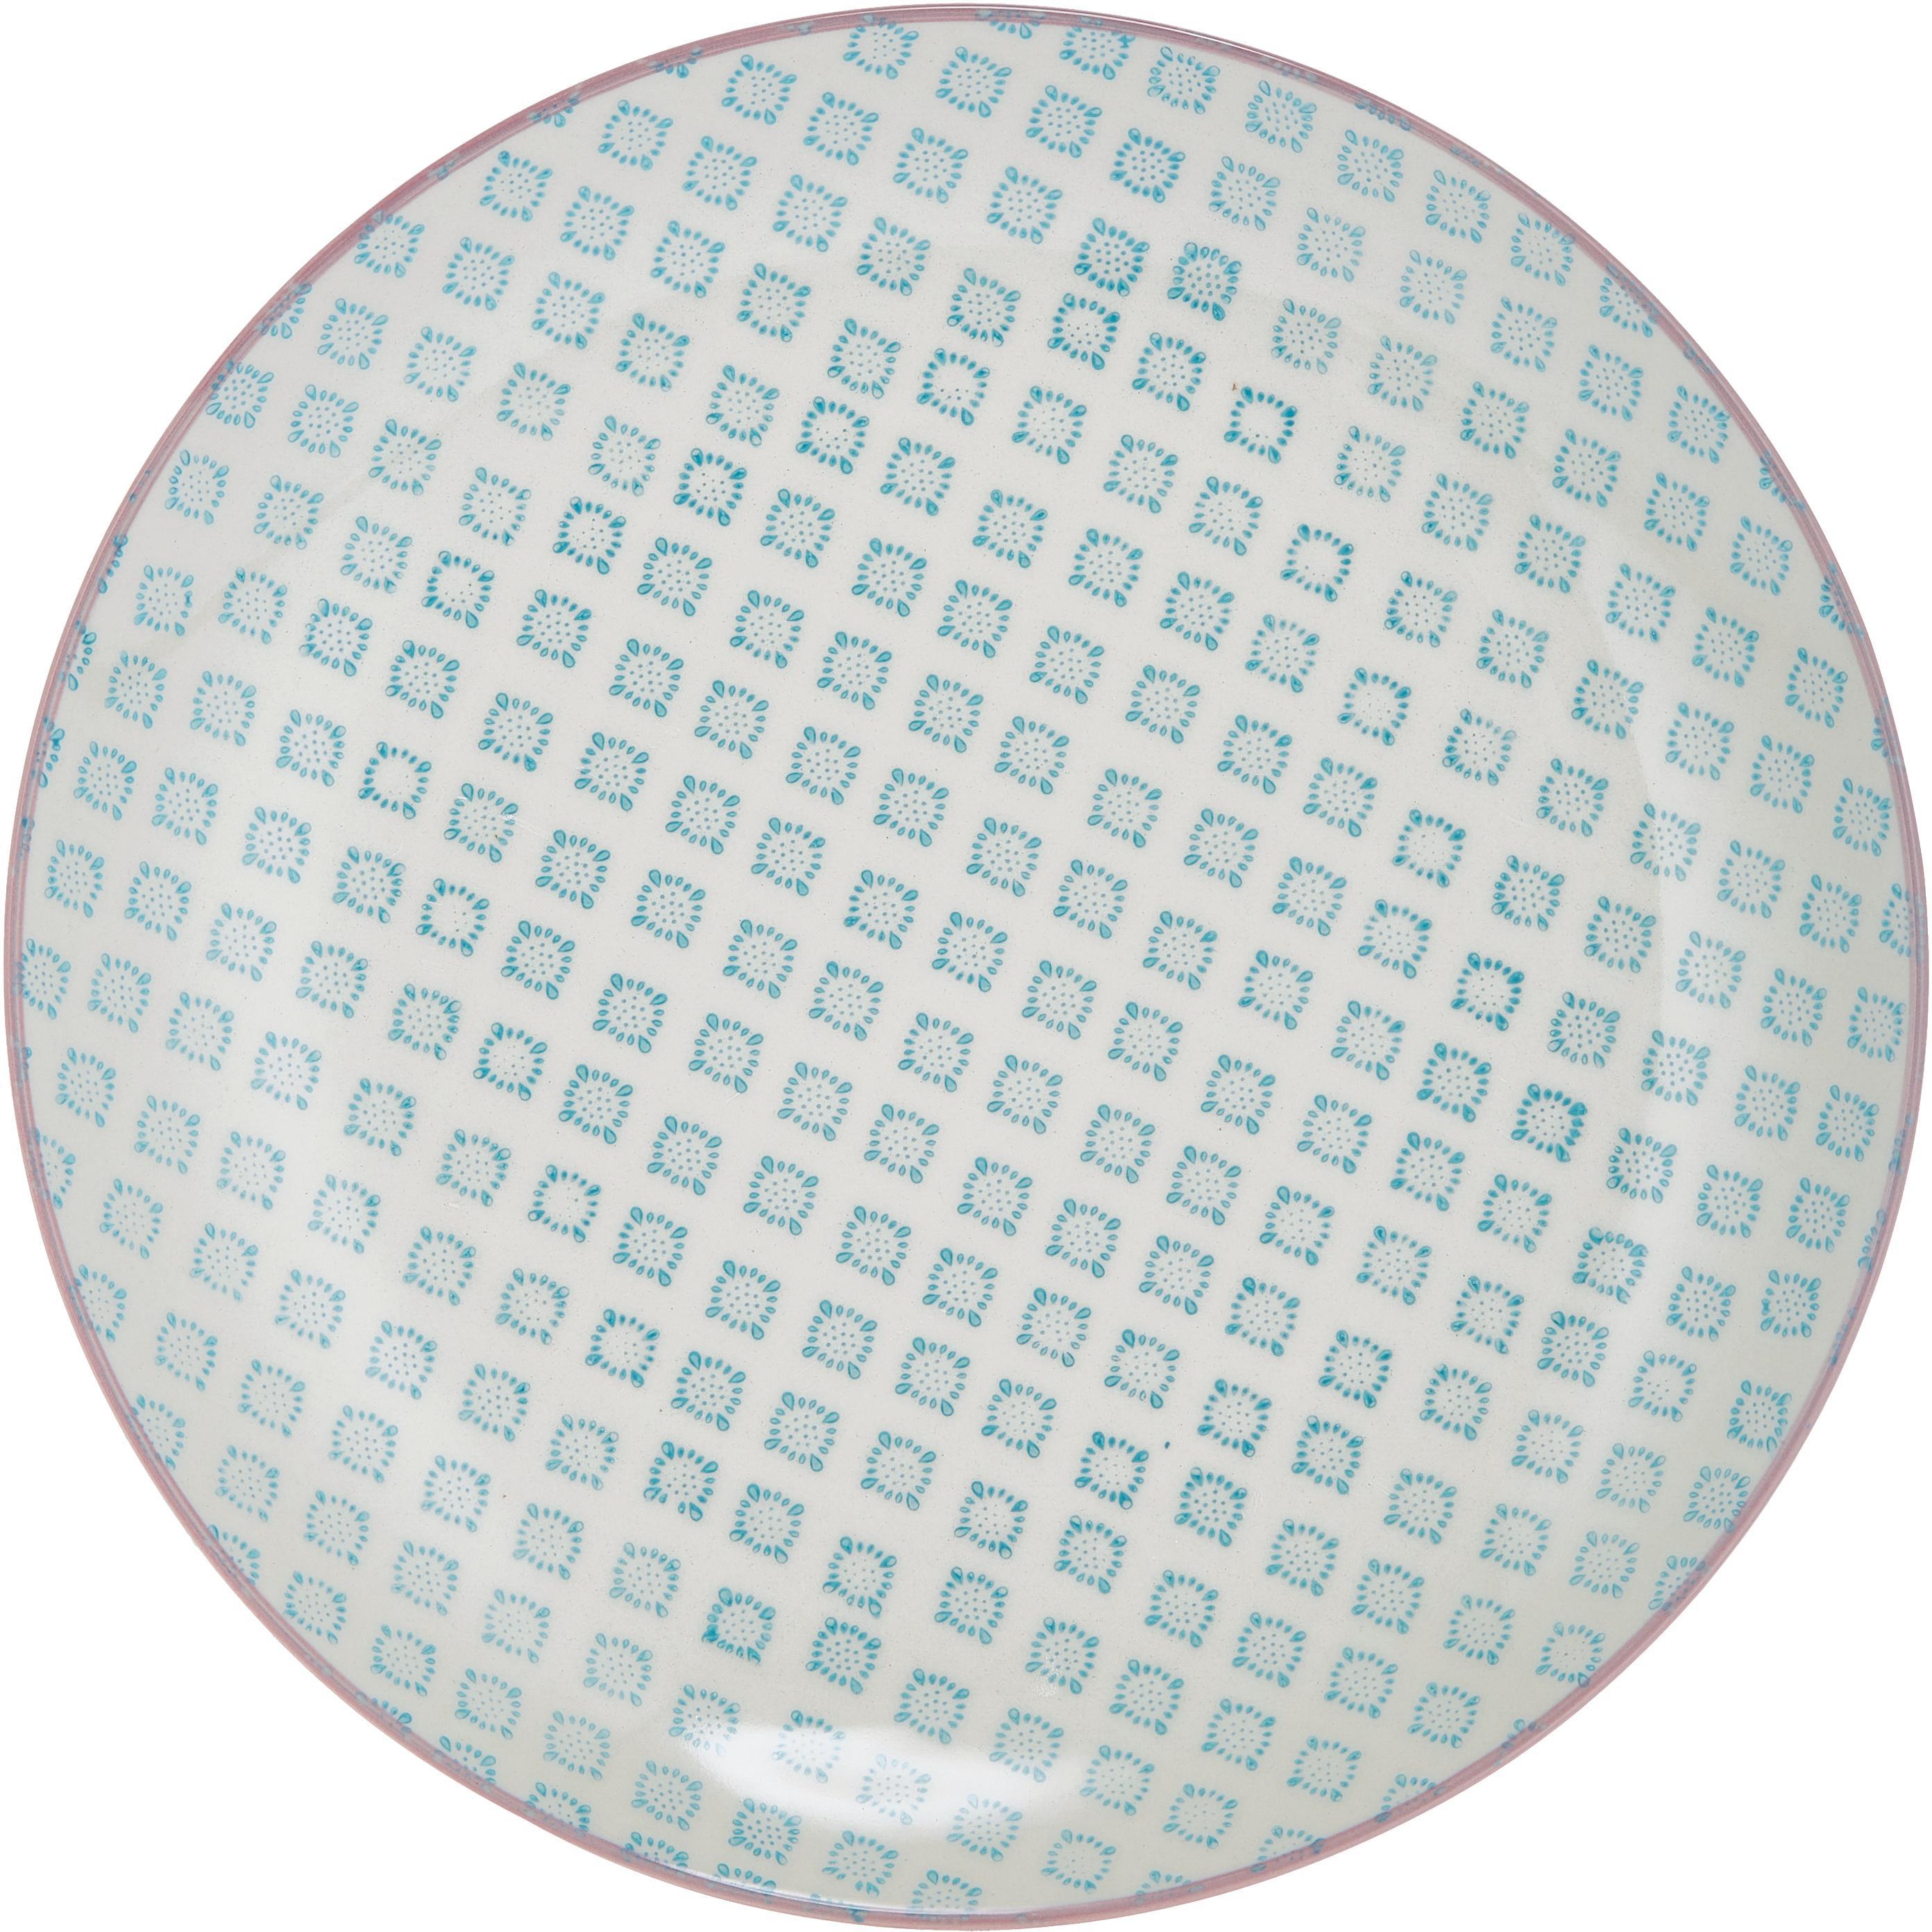 Handbemalte Speiseteller Patrizia mit kleinem Muster, 3er-Set, Steingut, Weiß, Grün, Rot, Blau, Ø 25 cm